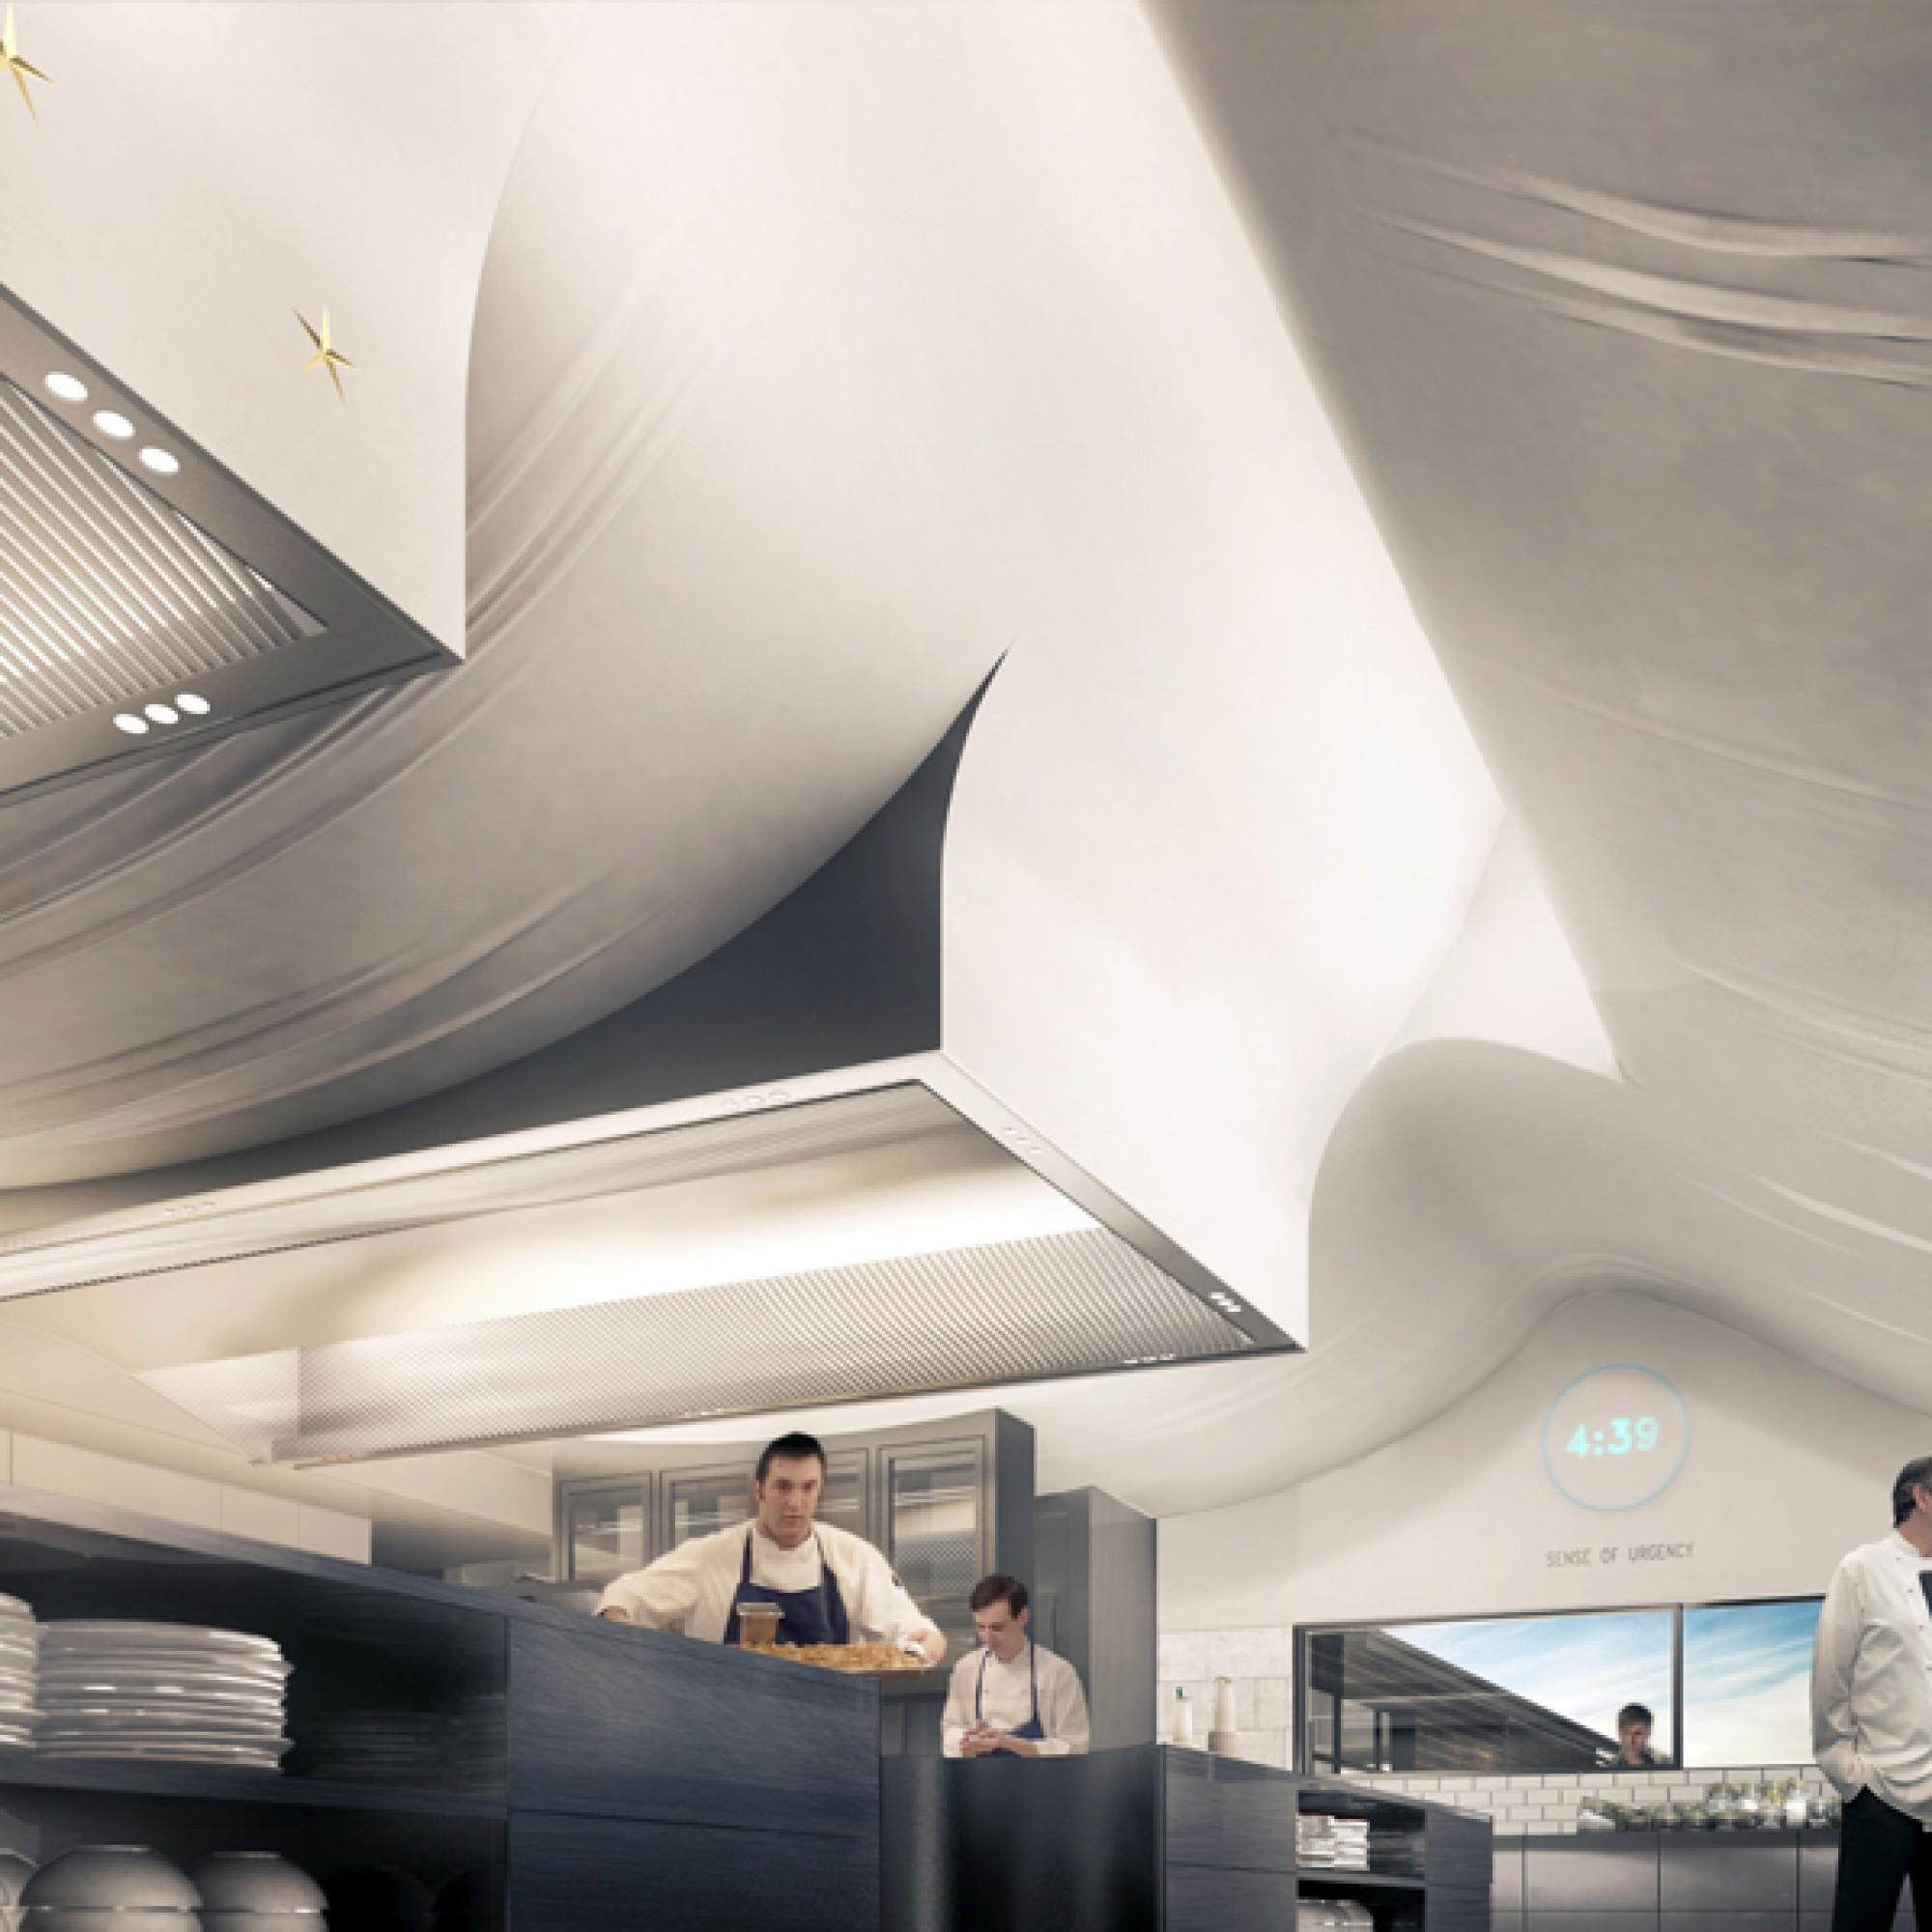 Die Köche arbeiten unter einer Decke, die von einem Tischtuch inspiriert wurde. (vzg)